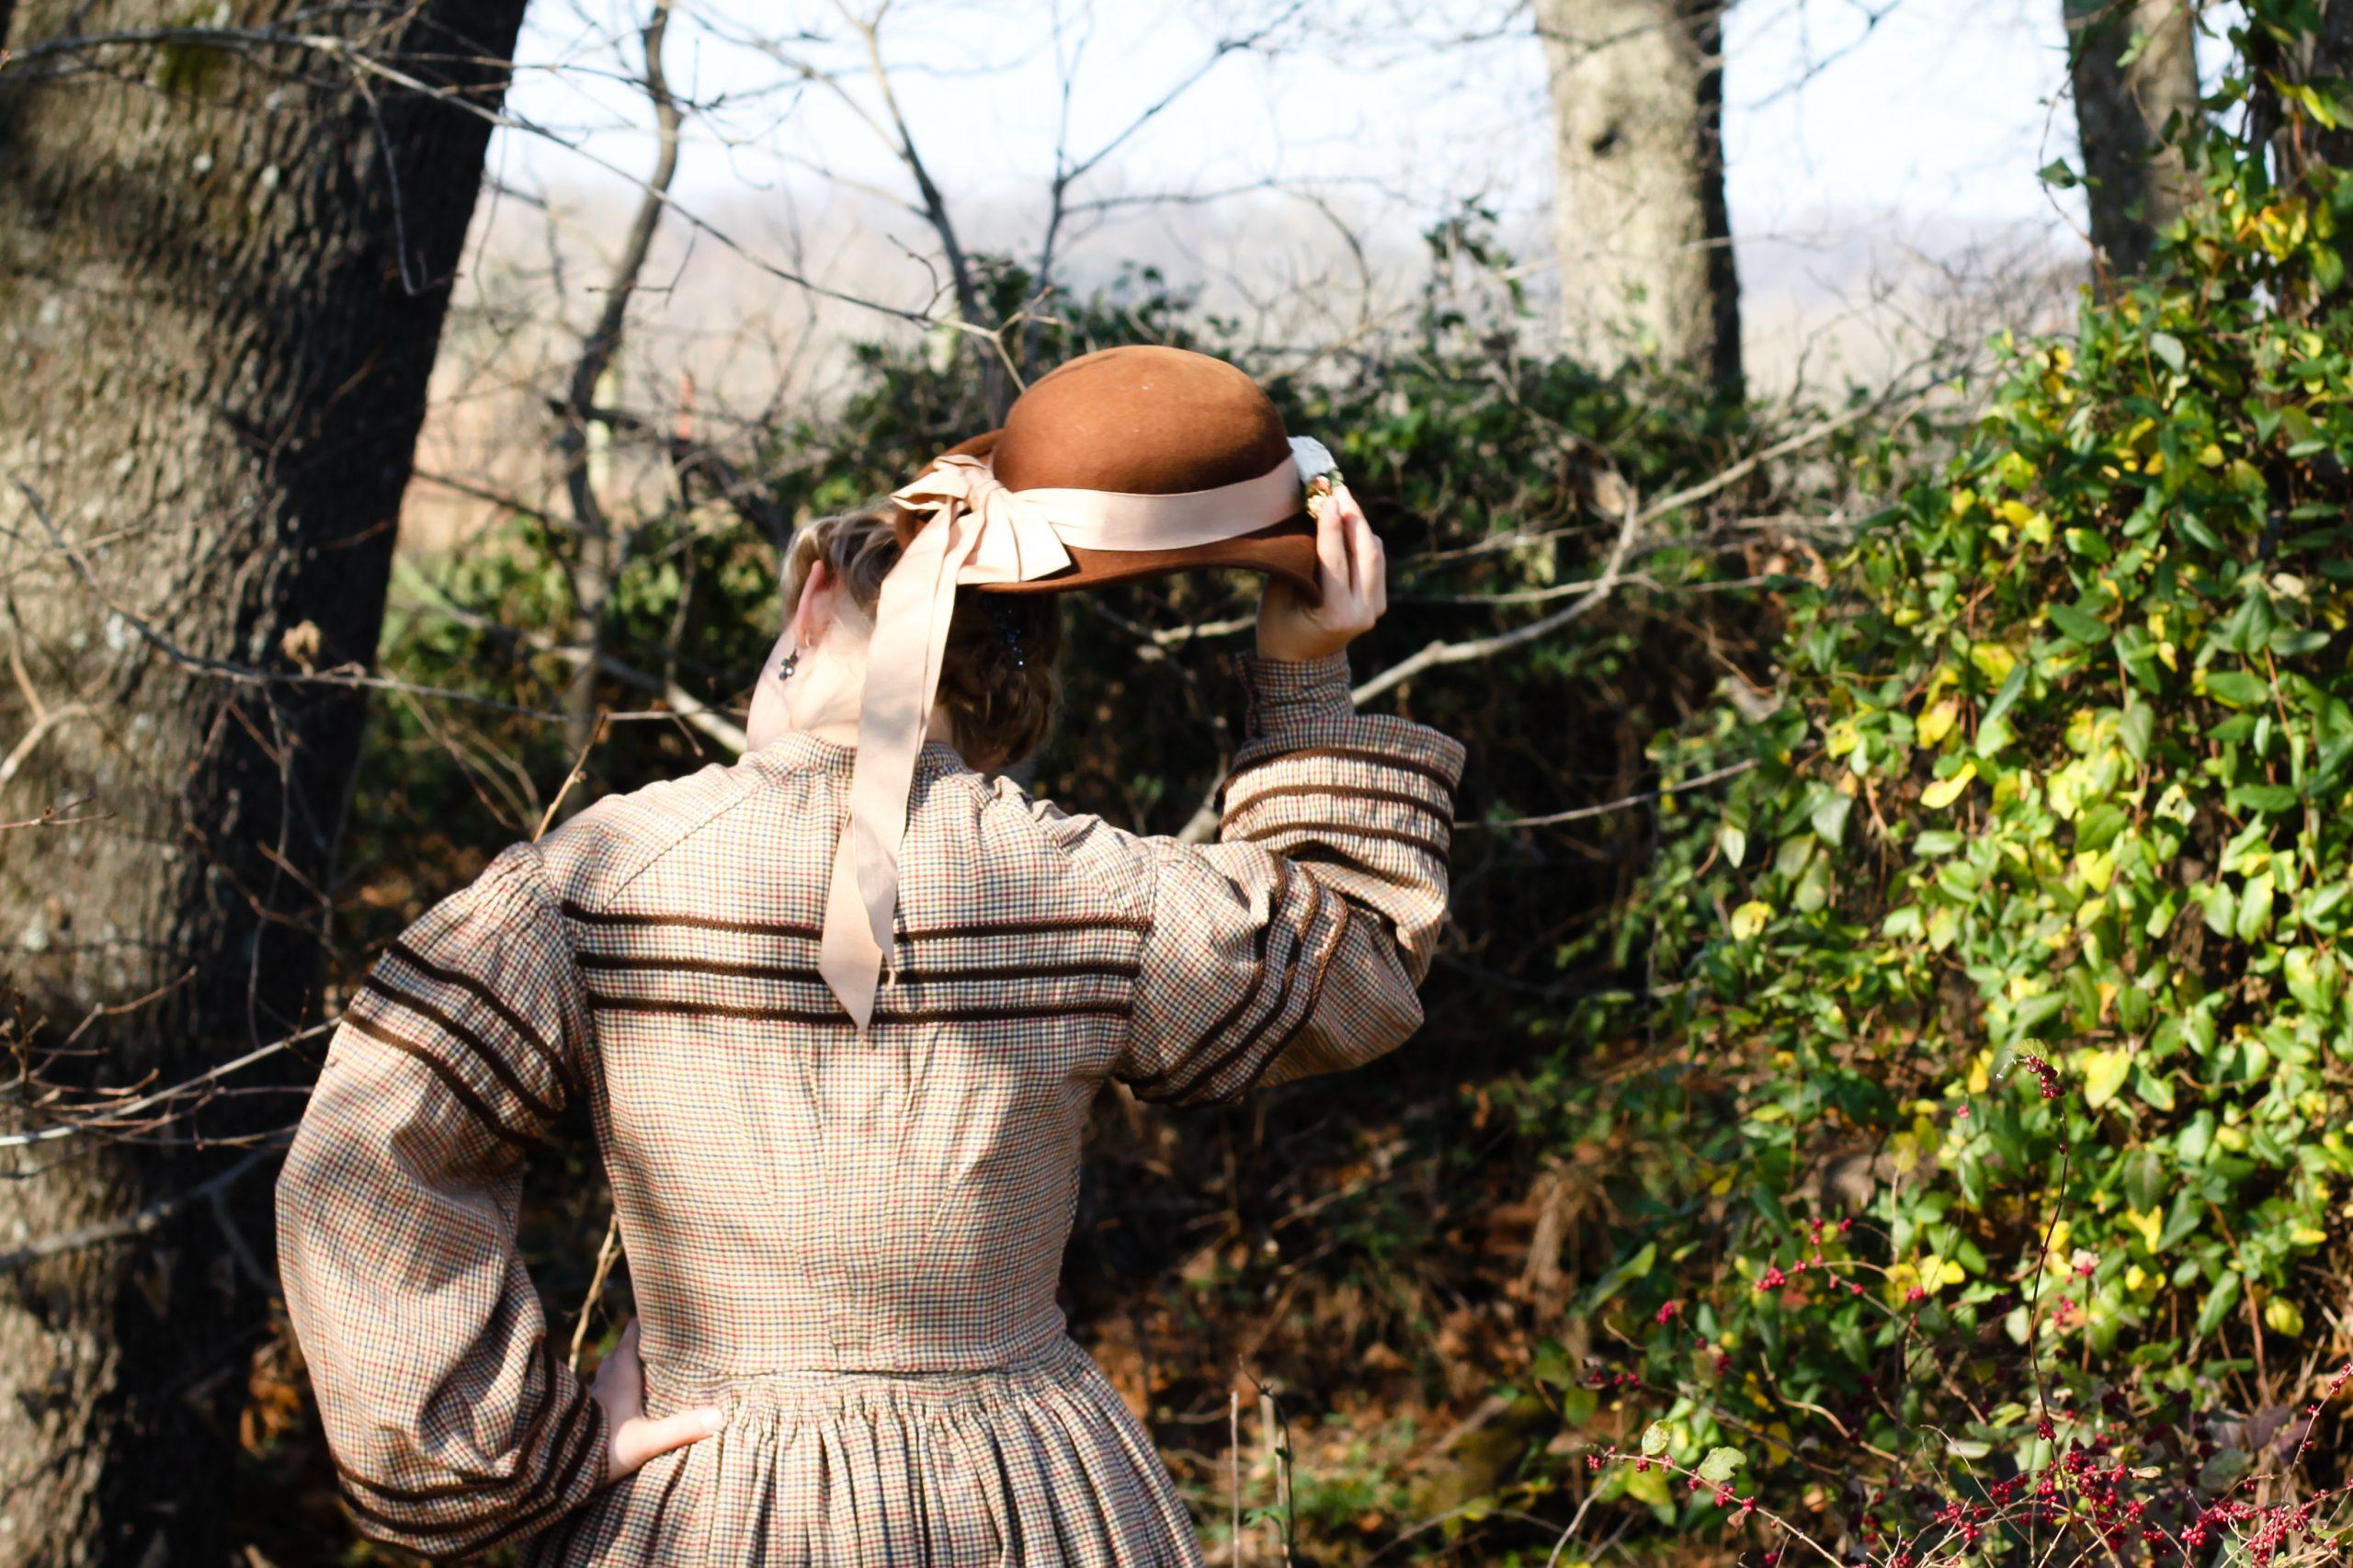 1860's Work Dress – Civil War Era – Homespun Fabric from JoAnns